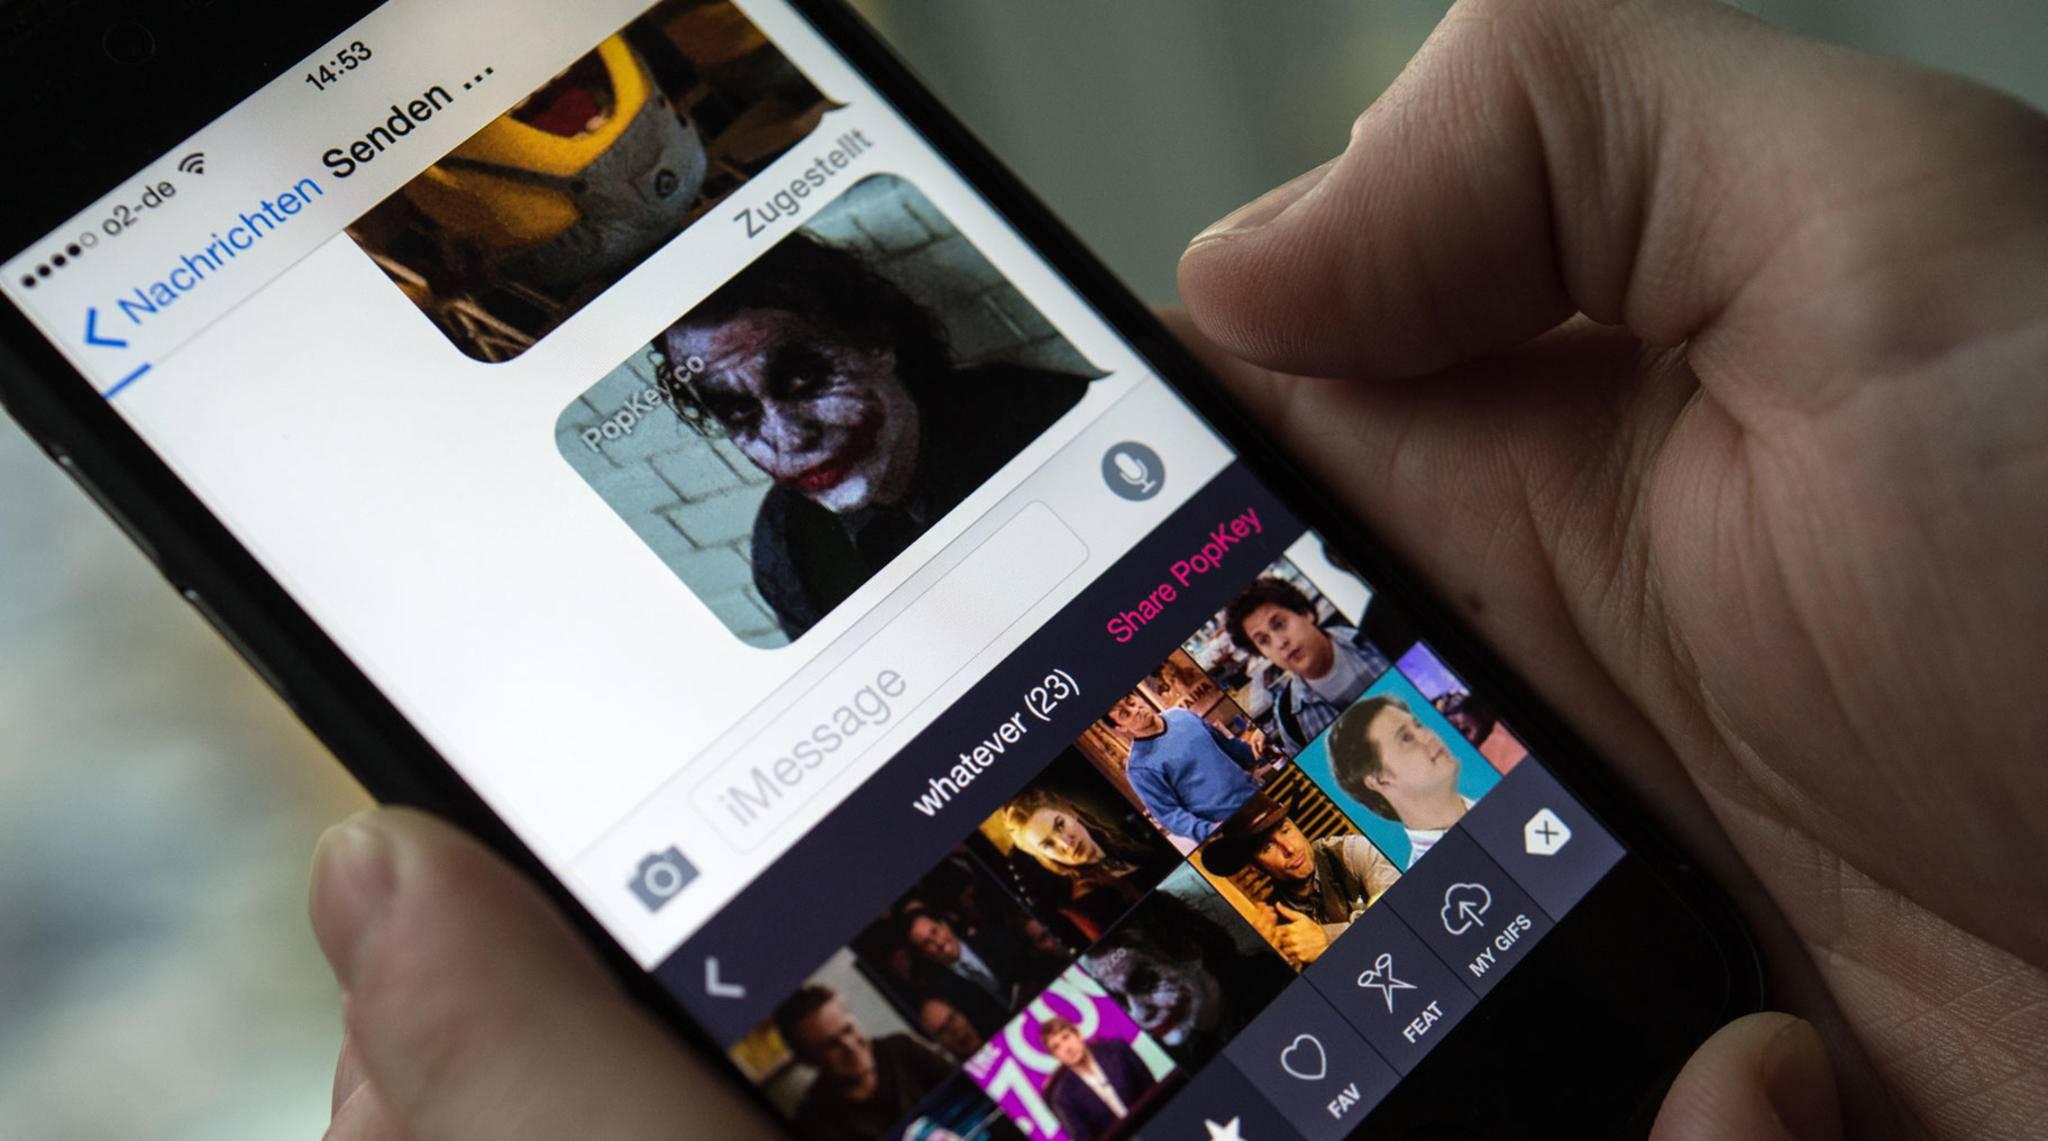 Seit iOS 10 können Sticker und Apps innerhalb von iMessage genutzt werden.